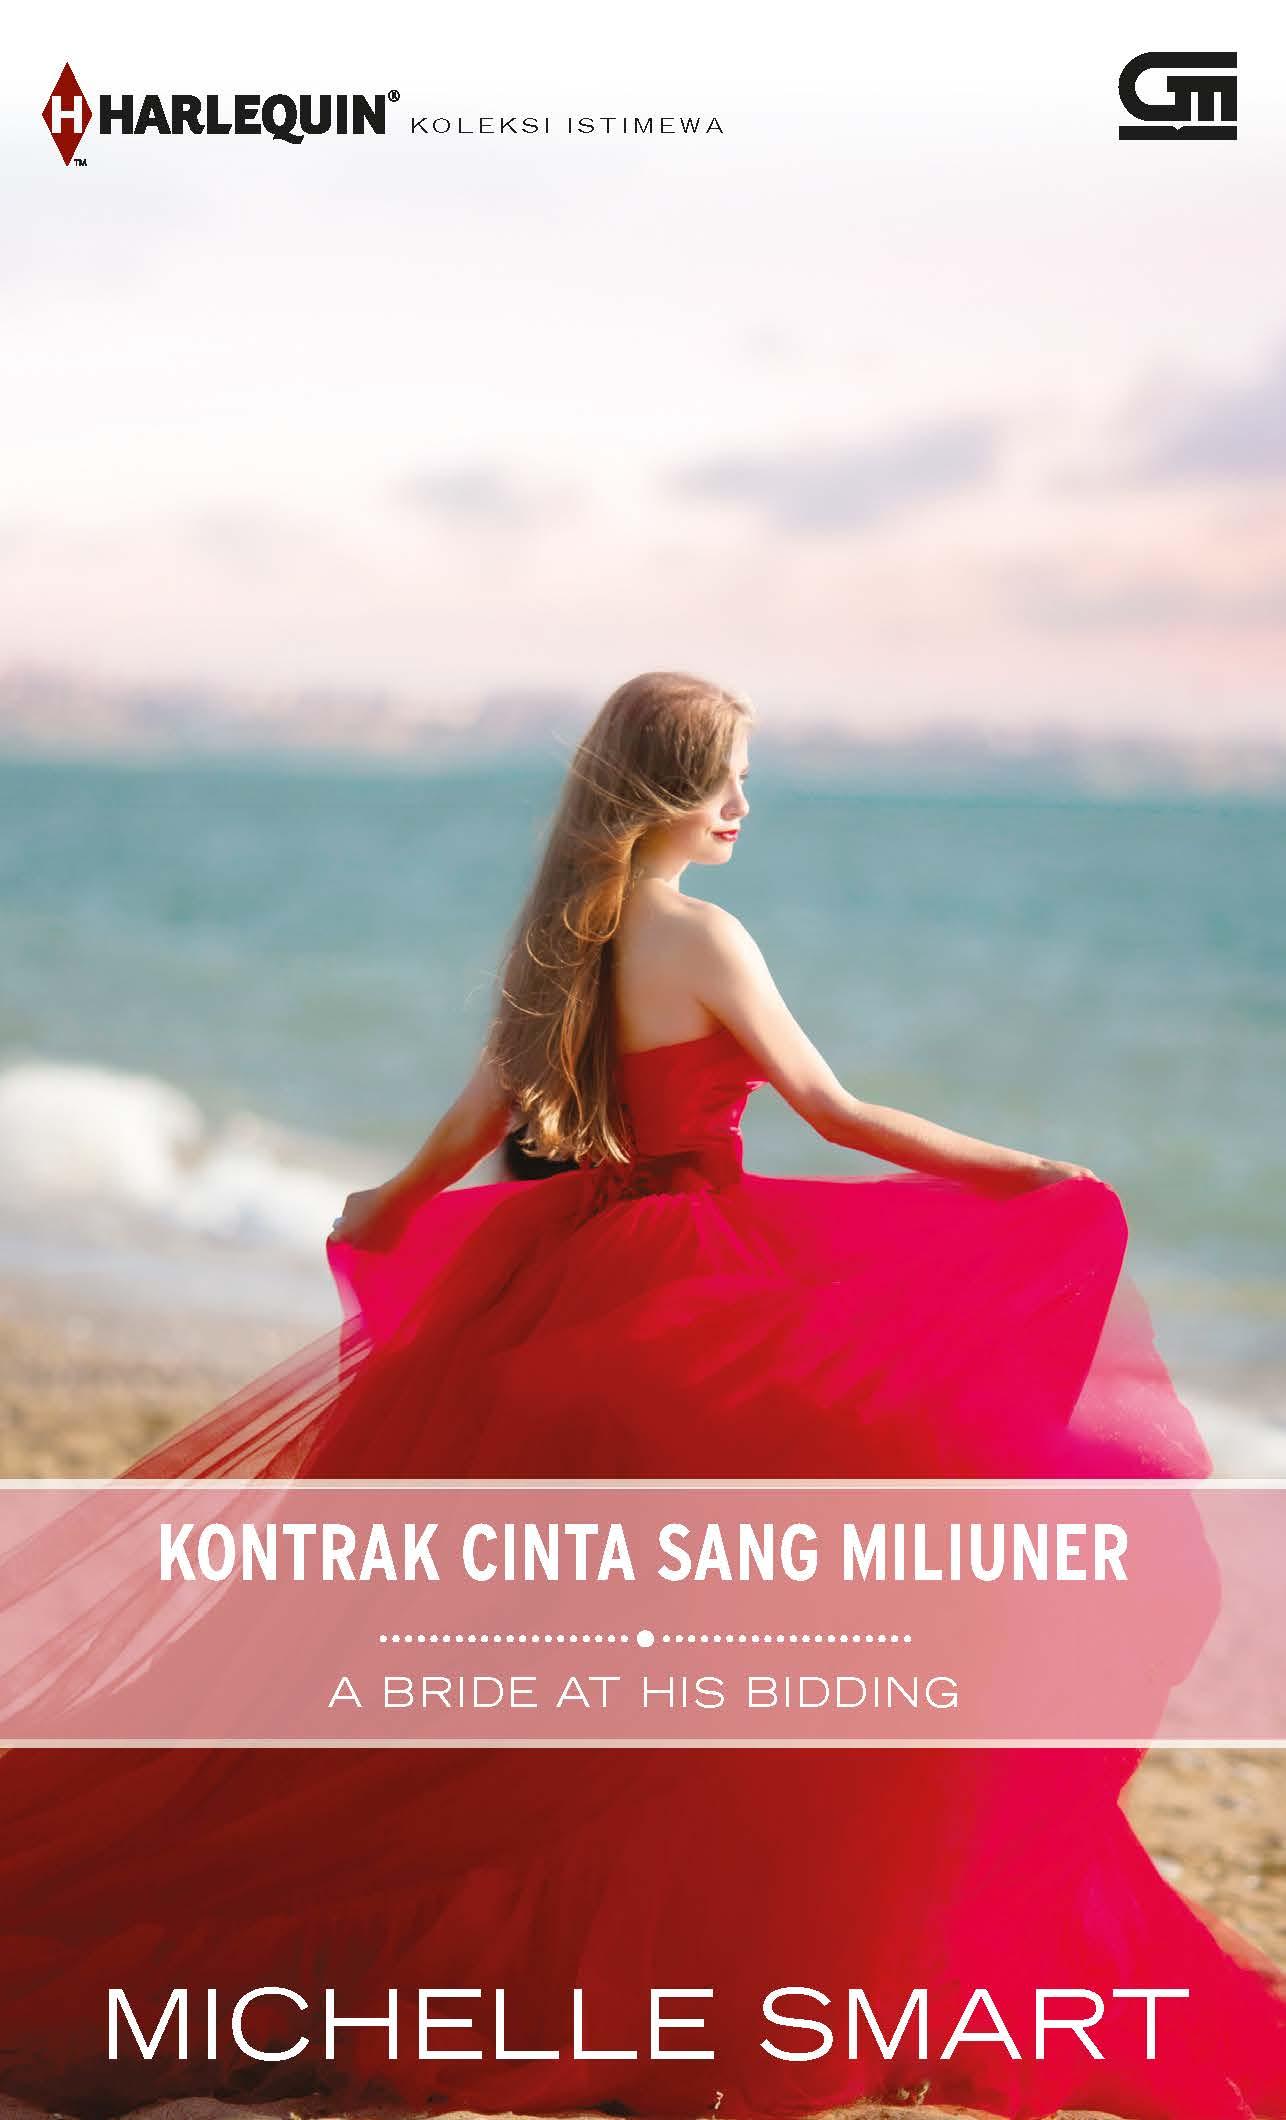 Harlequin Koleksi Istimewa: Kontrak Cinta Sang Miliuner (A Bride at His Bidding)